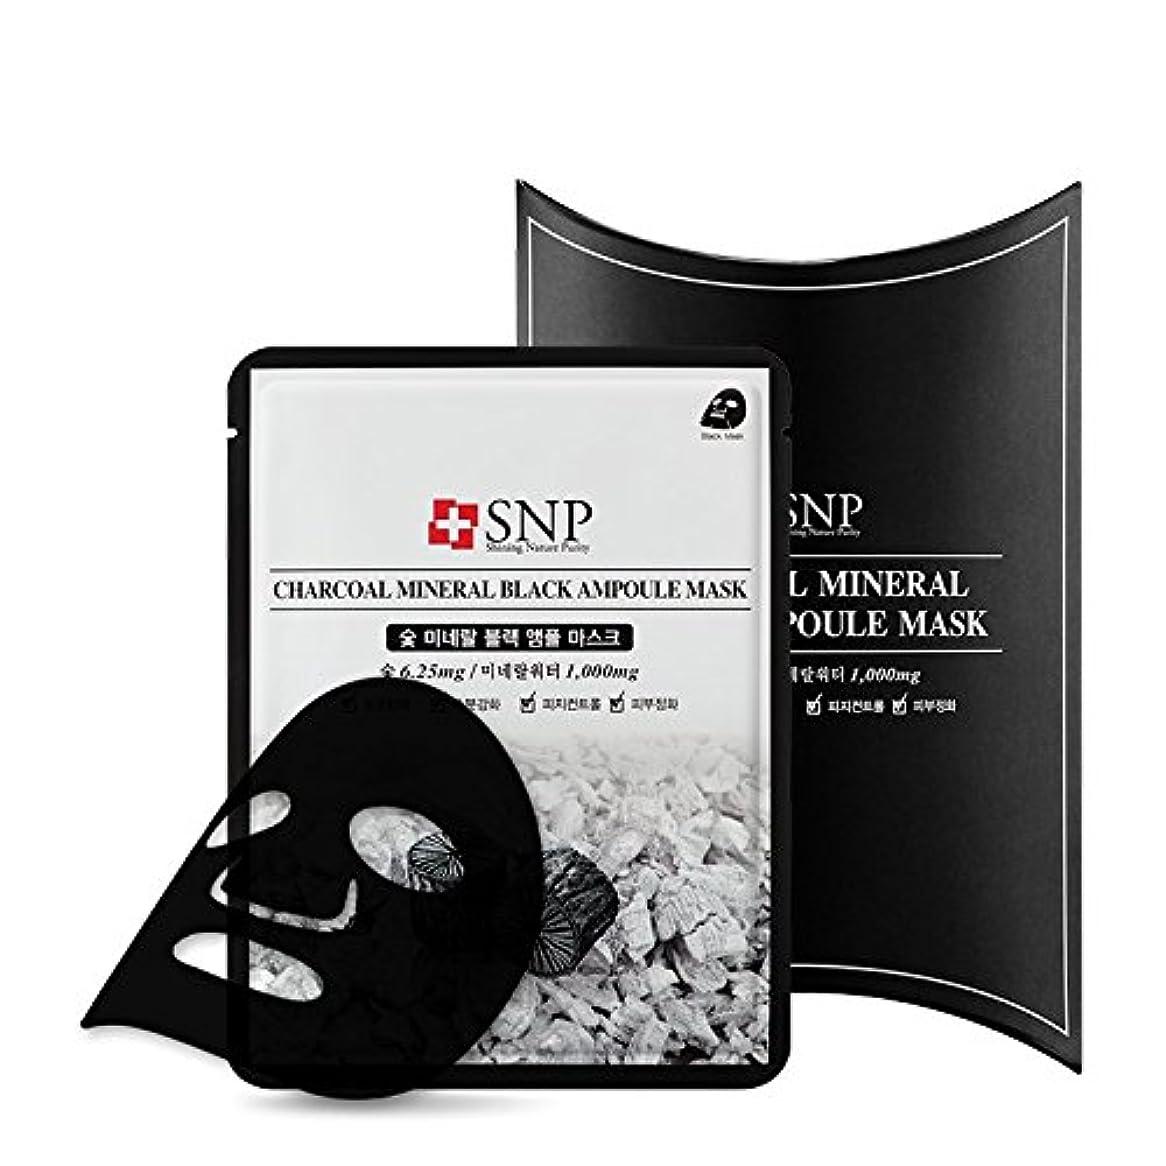 前インデックス大臣SNP 炭ミネラルブラックアンプルマスク/ SNP Charcoal Mineral Black Ampoule Mask [並行輸入品]